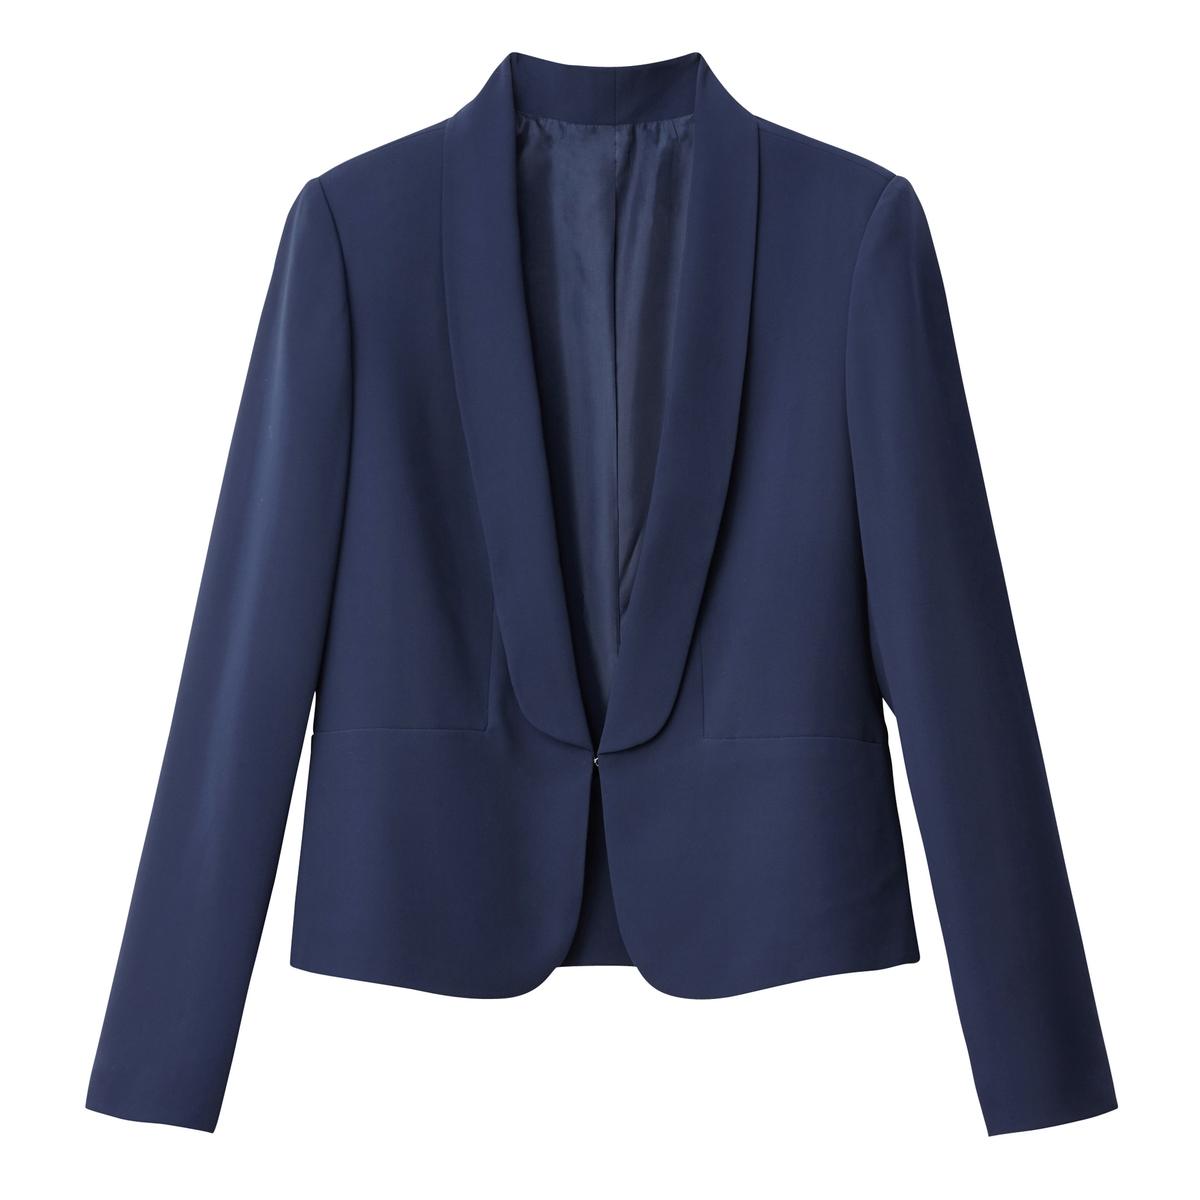 Chaqueta ligera y entallada estilo blazer, con cuello esmoquin